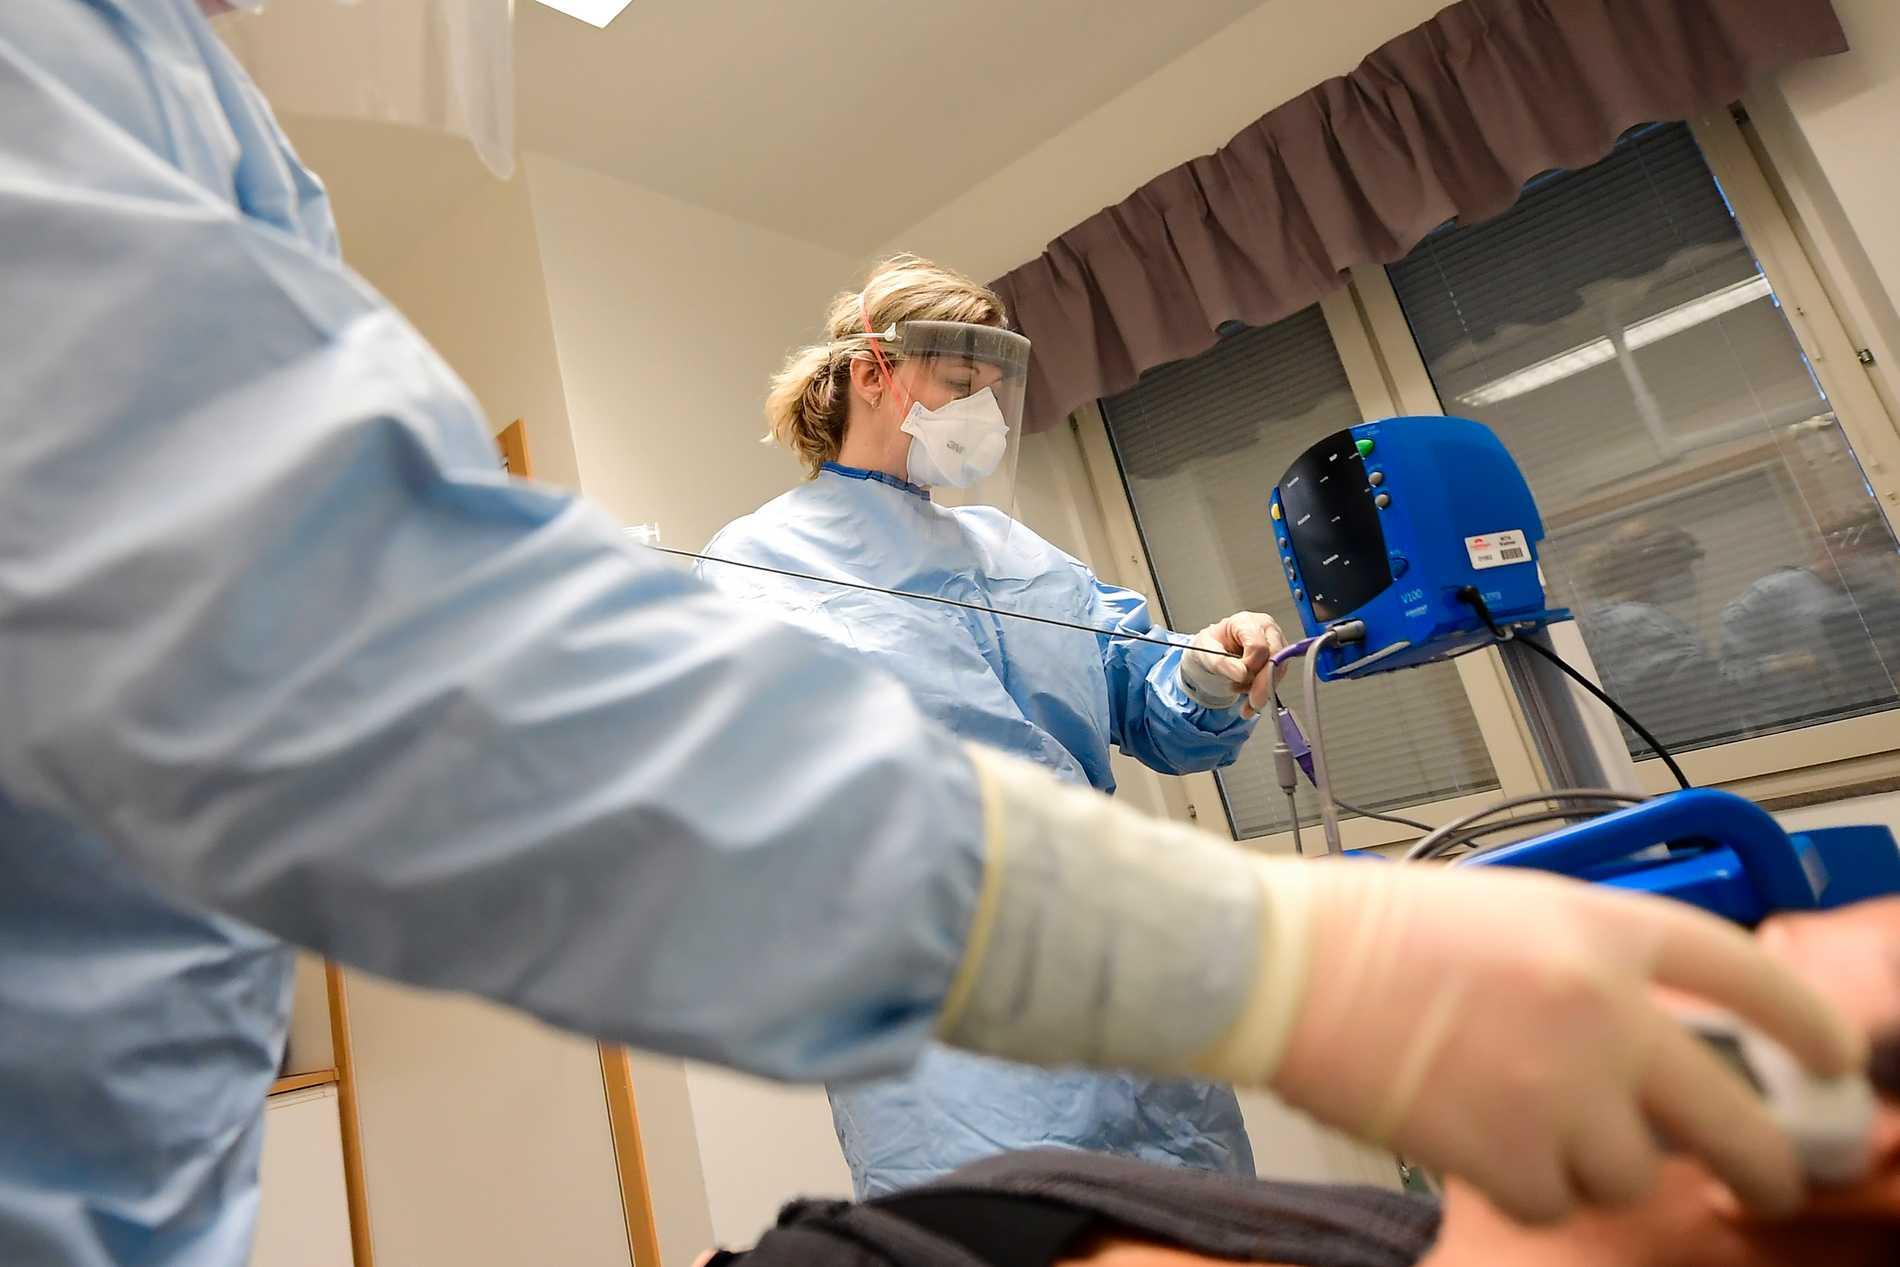 20 personer har avlidit i sviterna av coronaviruset i Sverige. Arkivbild.